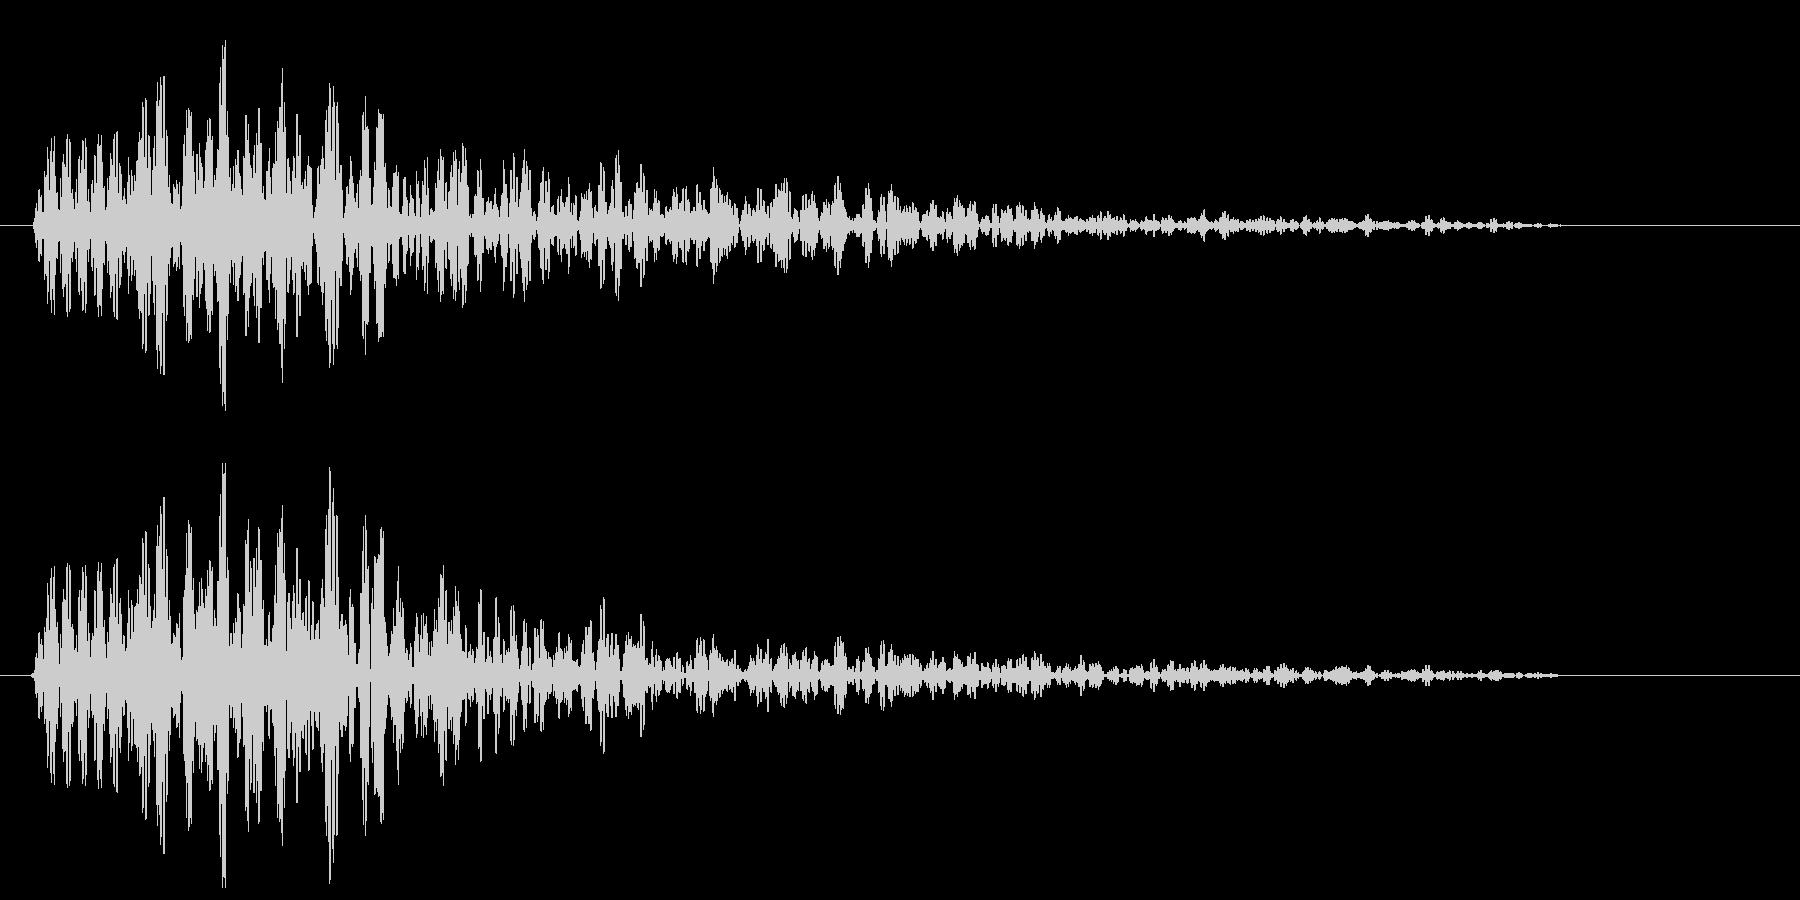 ピョン(何かが飛び出す音)の未再生の波形